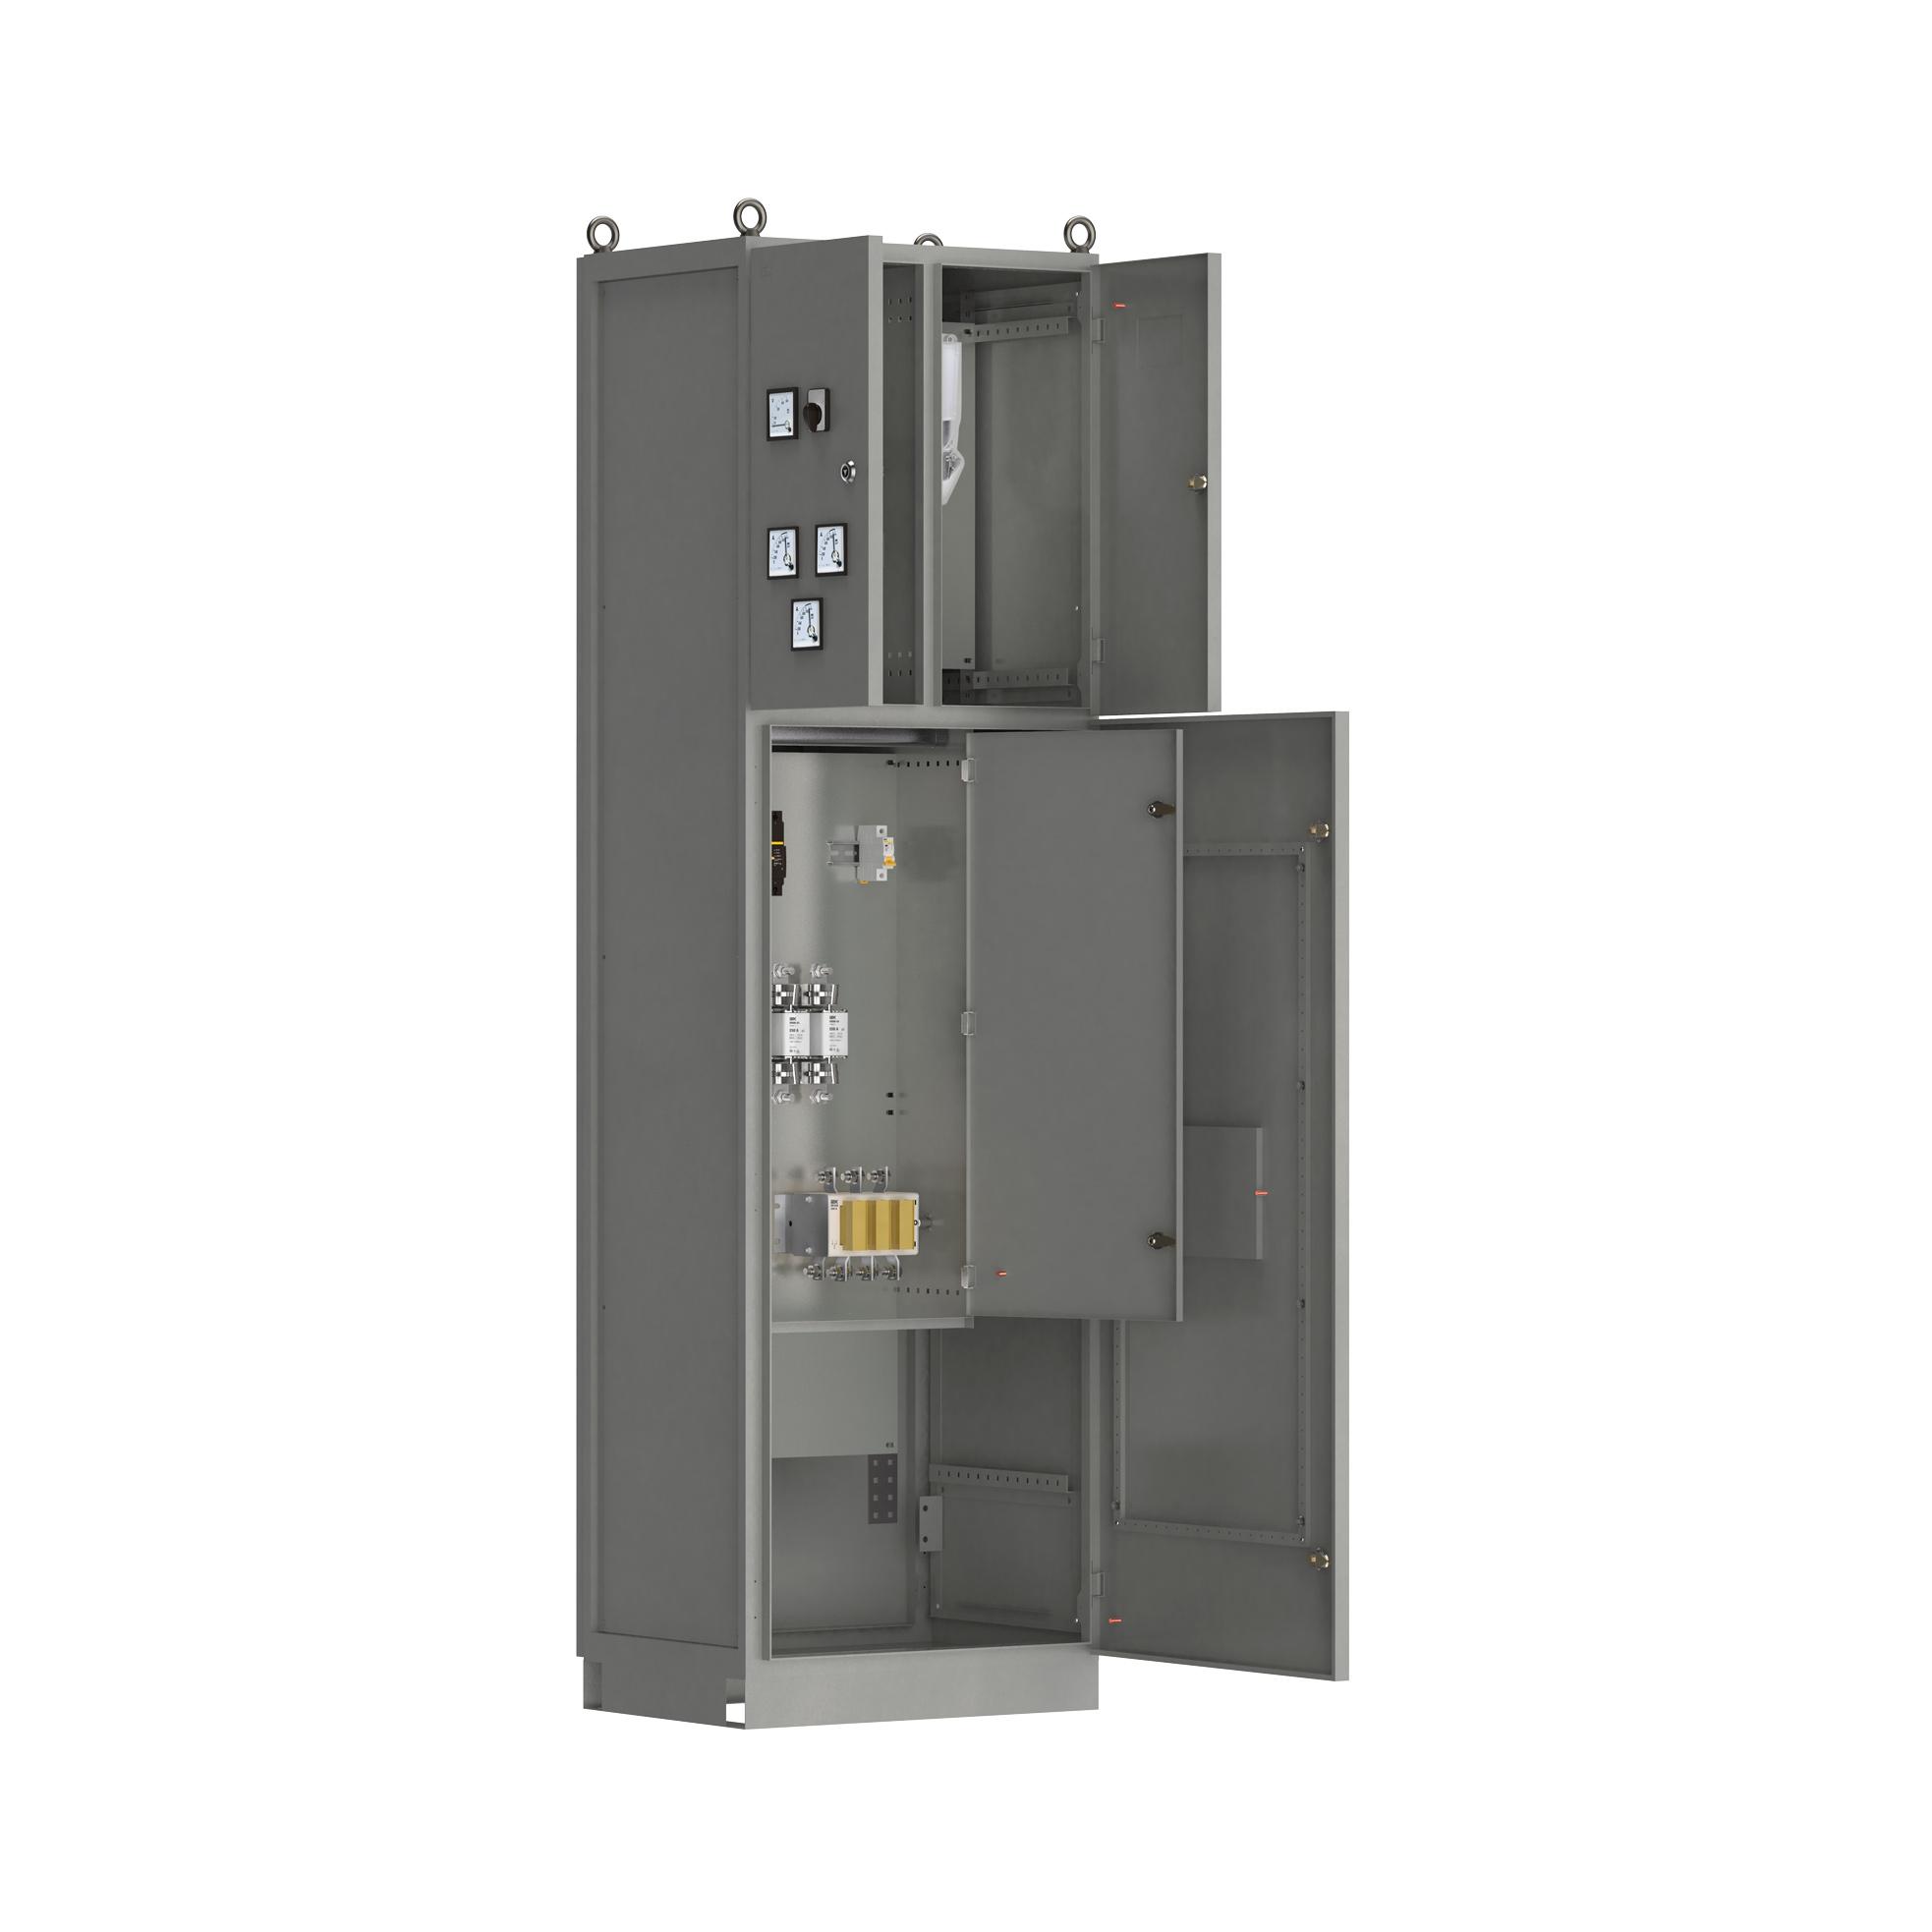 Панель вводная ВРУ-8503 МУ 2ВП-5-40-0-30 рубильник 1х400А плавкие вставки 3х400А выключатель автоматический 1Р 1х6А и учет IEK